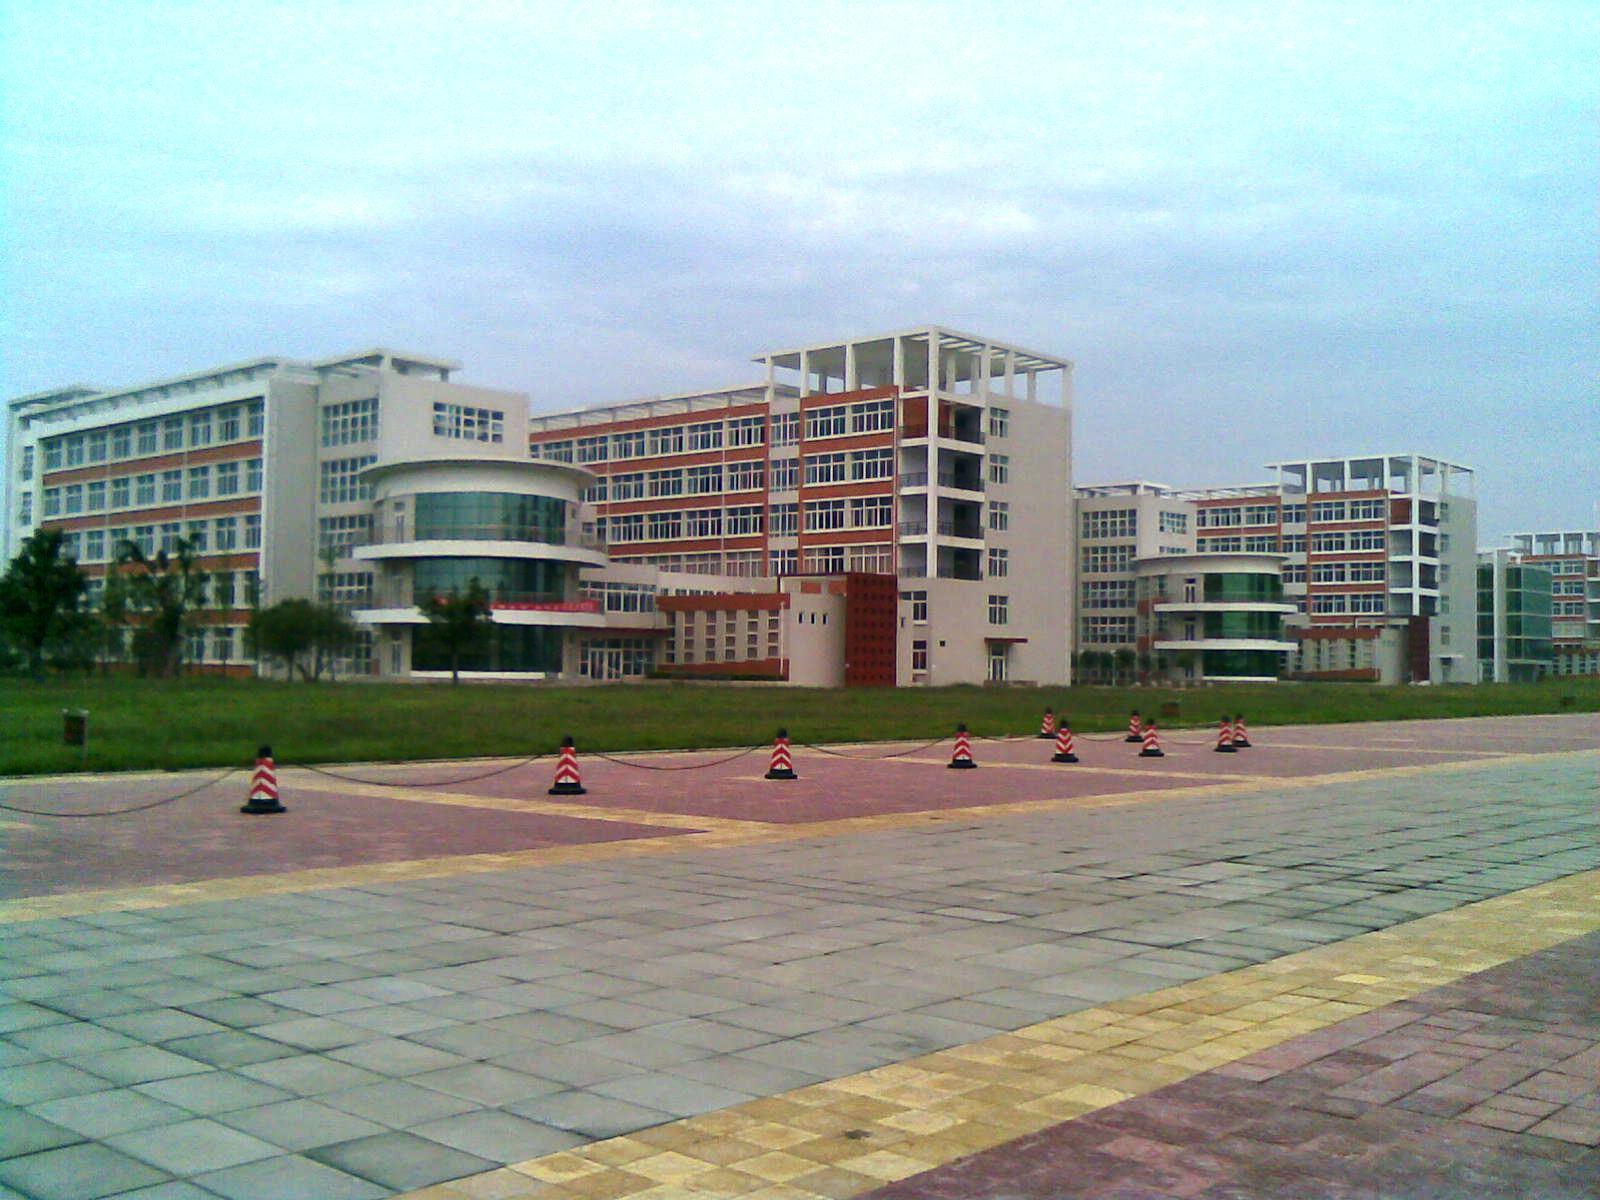 新校区照片,可以让想报我们学校的同学了解一下